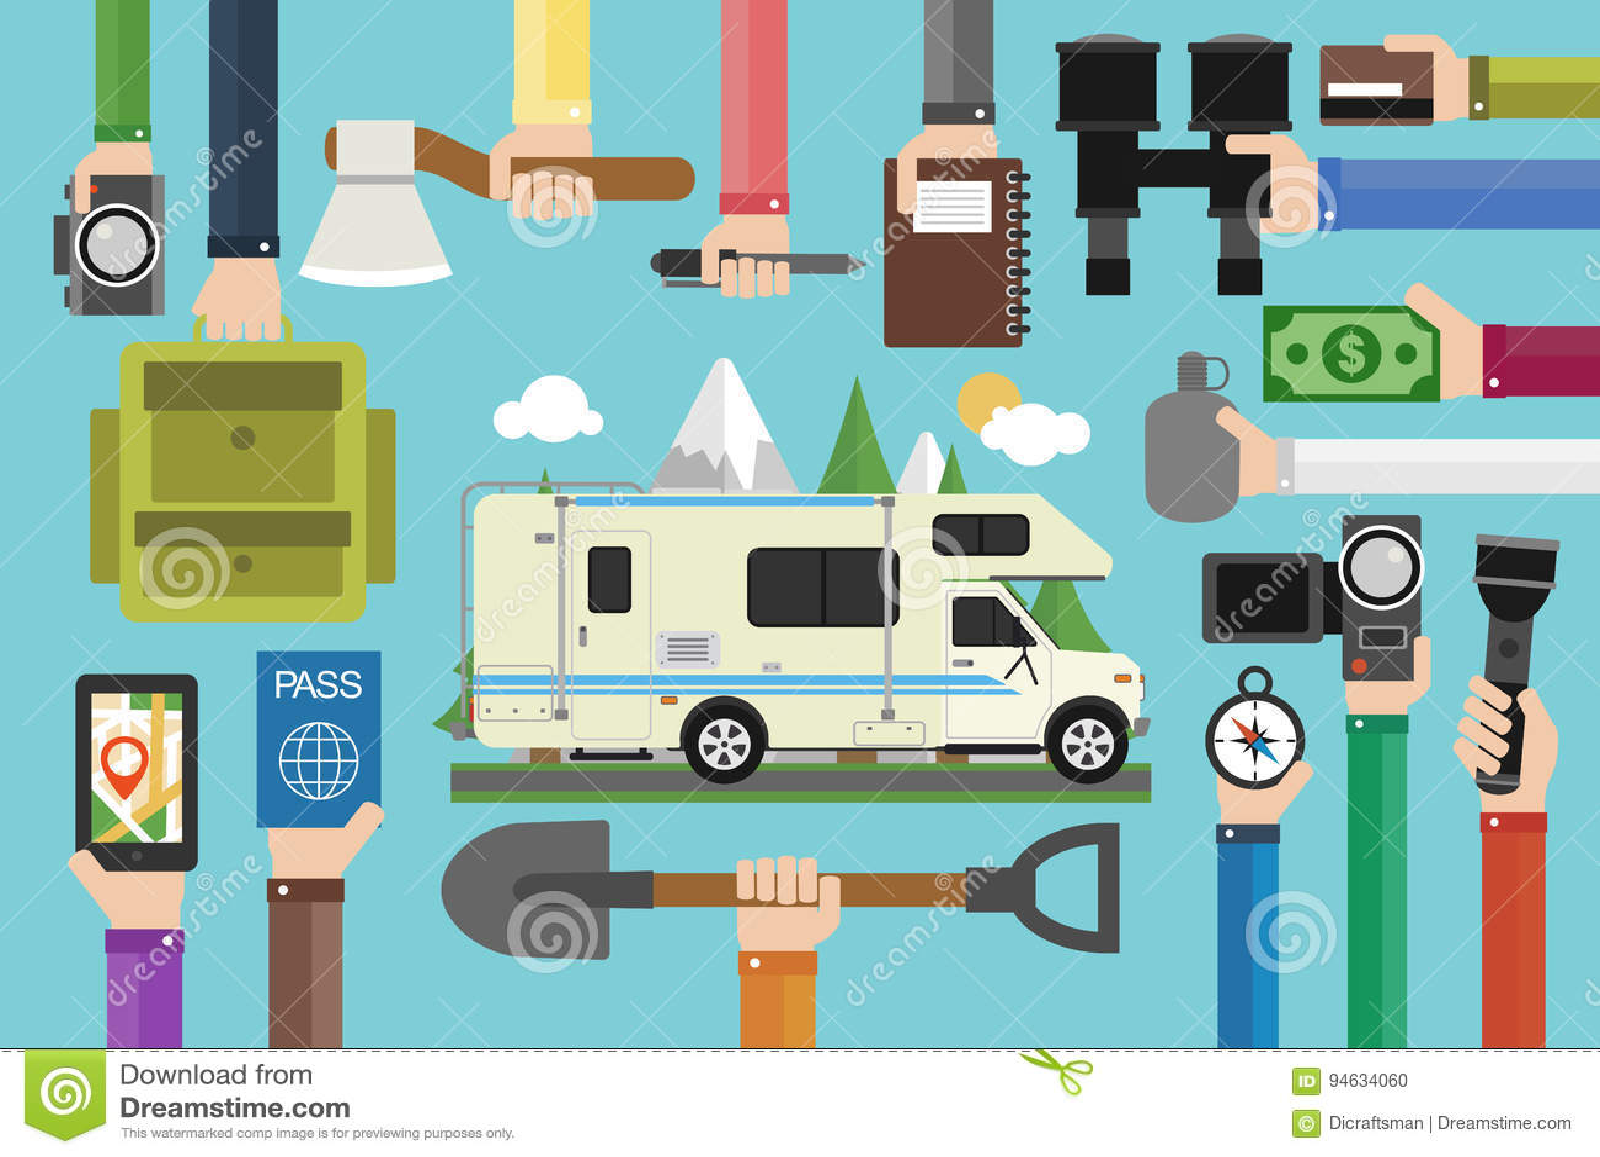 野营的旅行构思设计平展与露营车,拖车